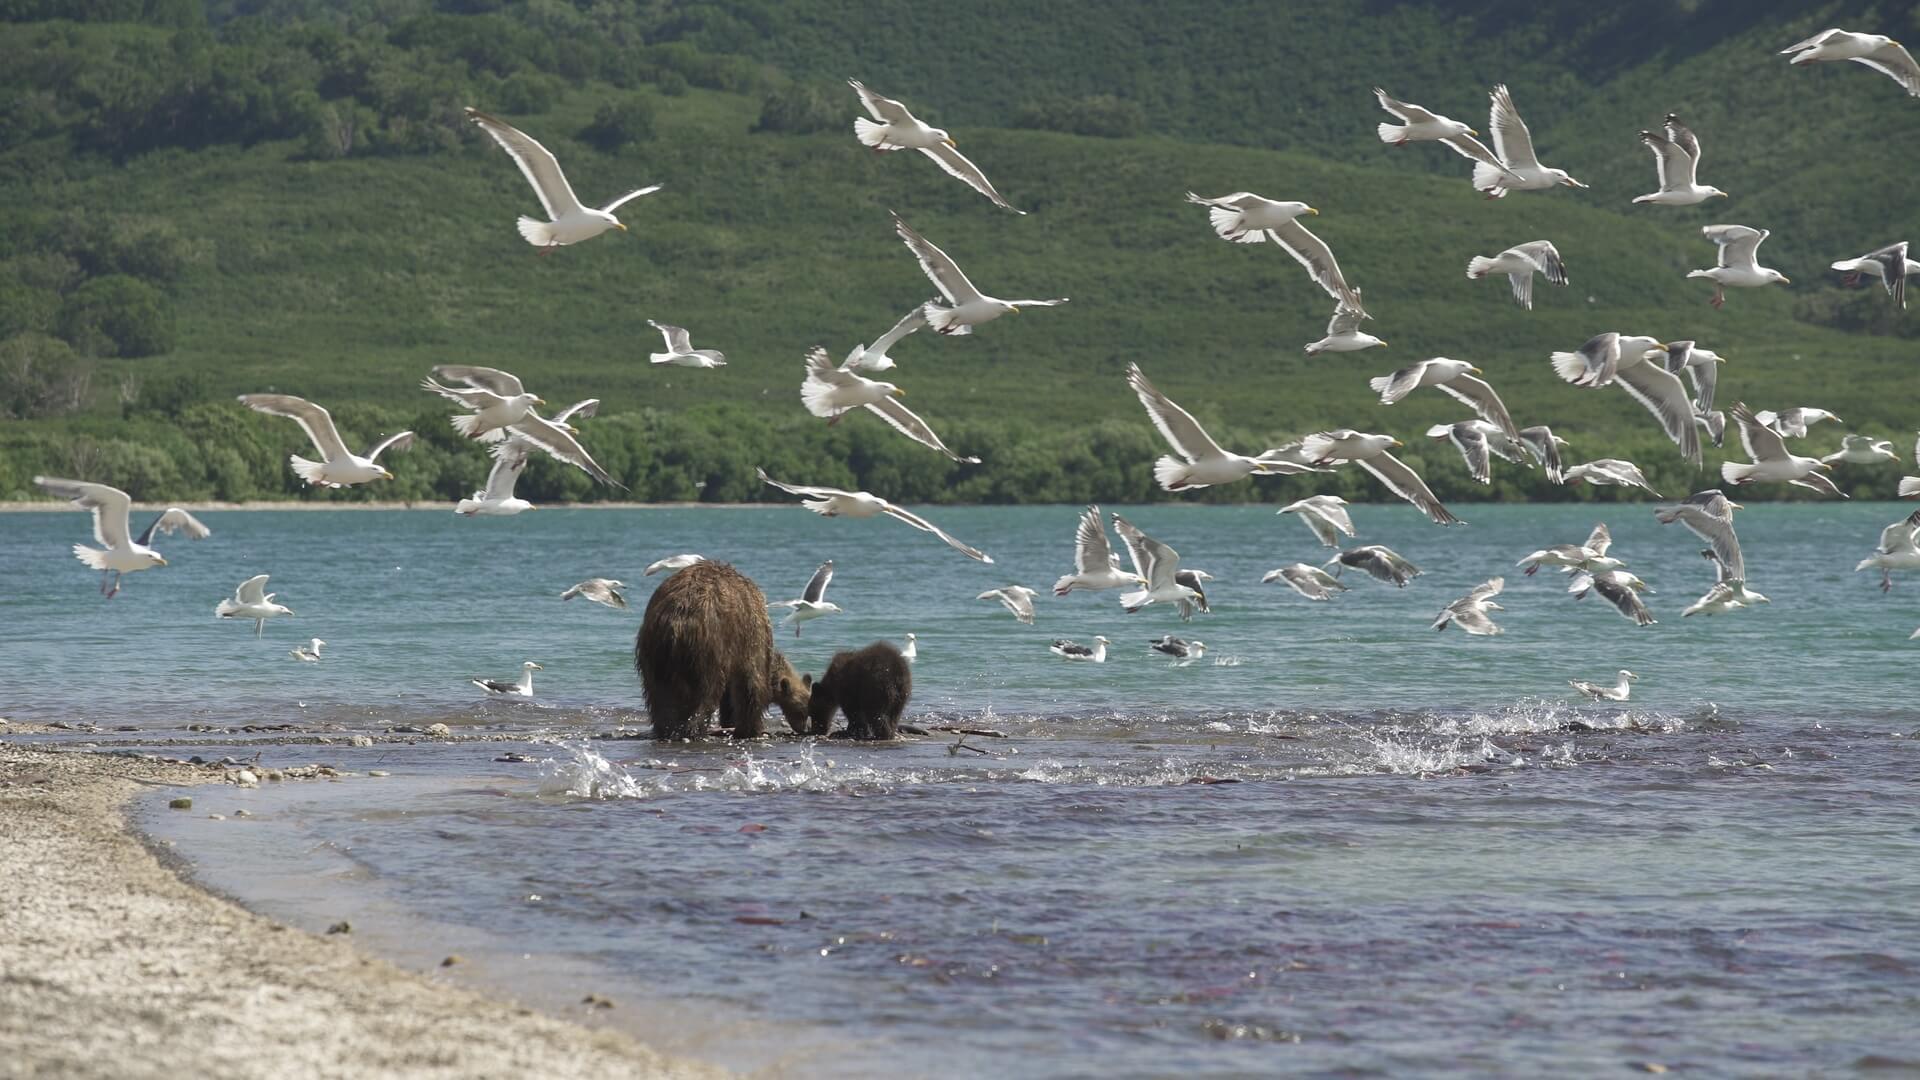 Urșii din Kamchatka